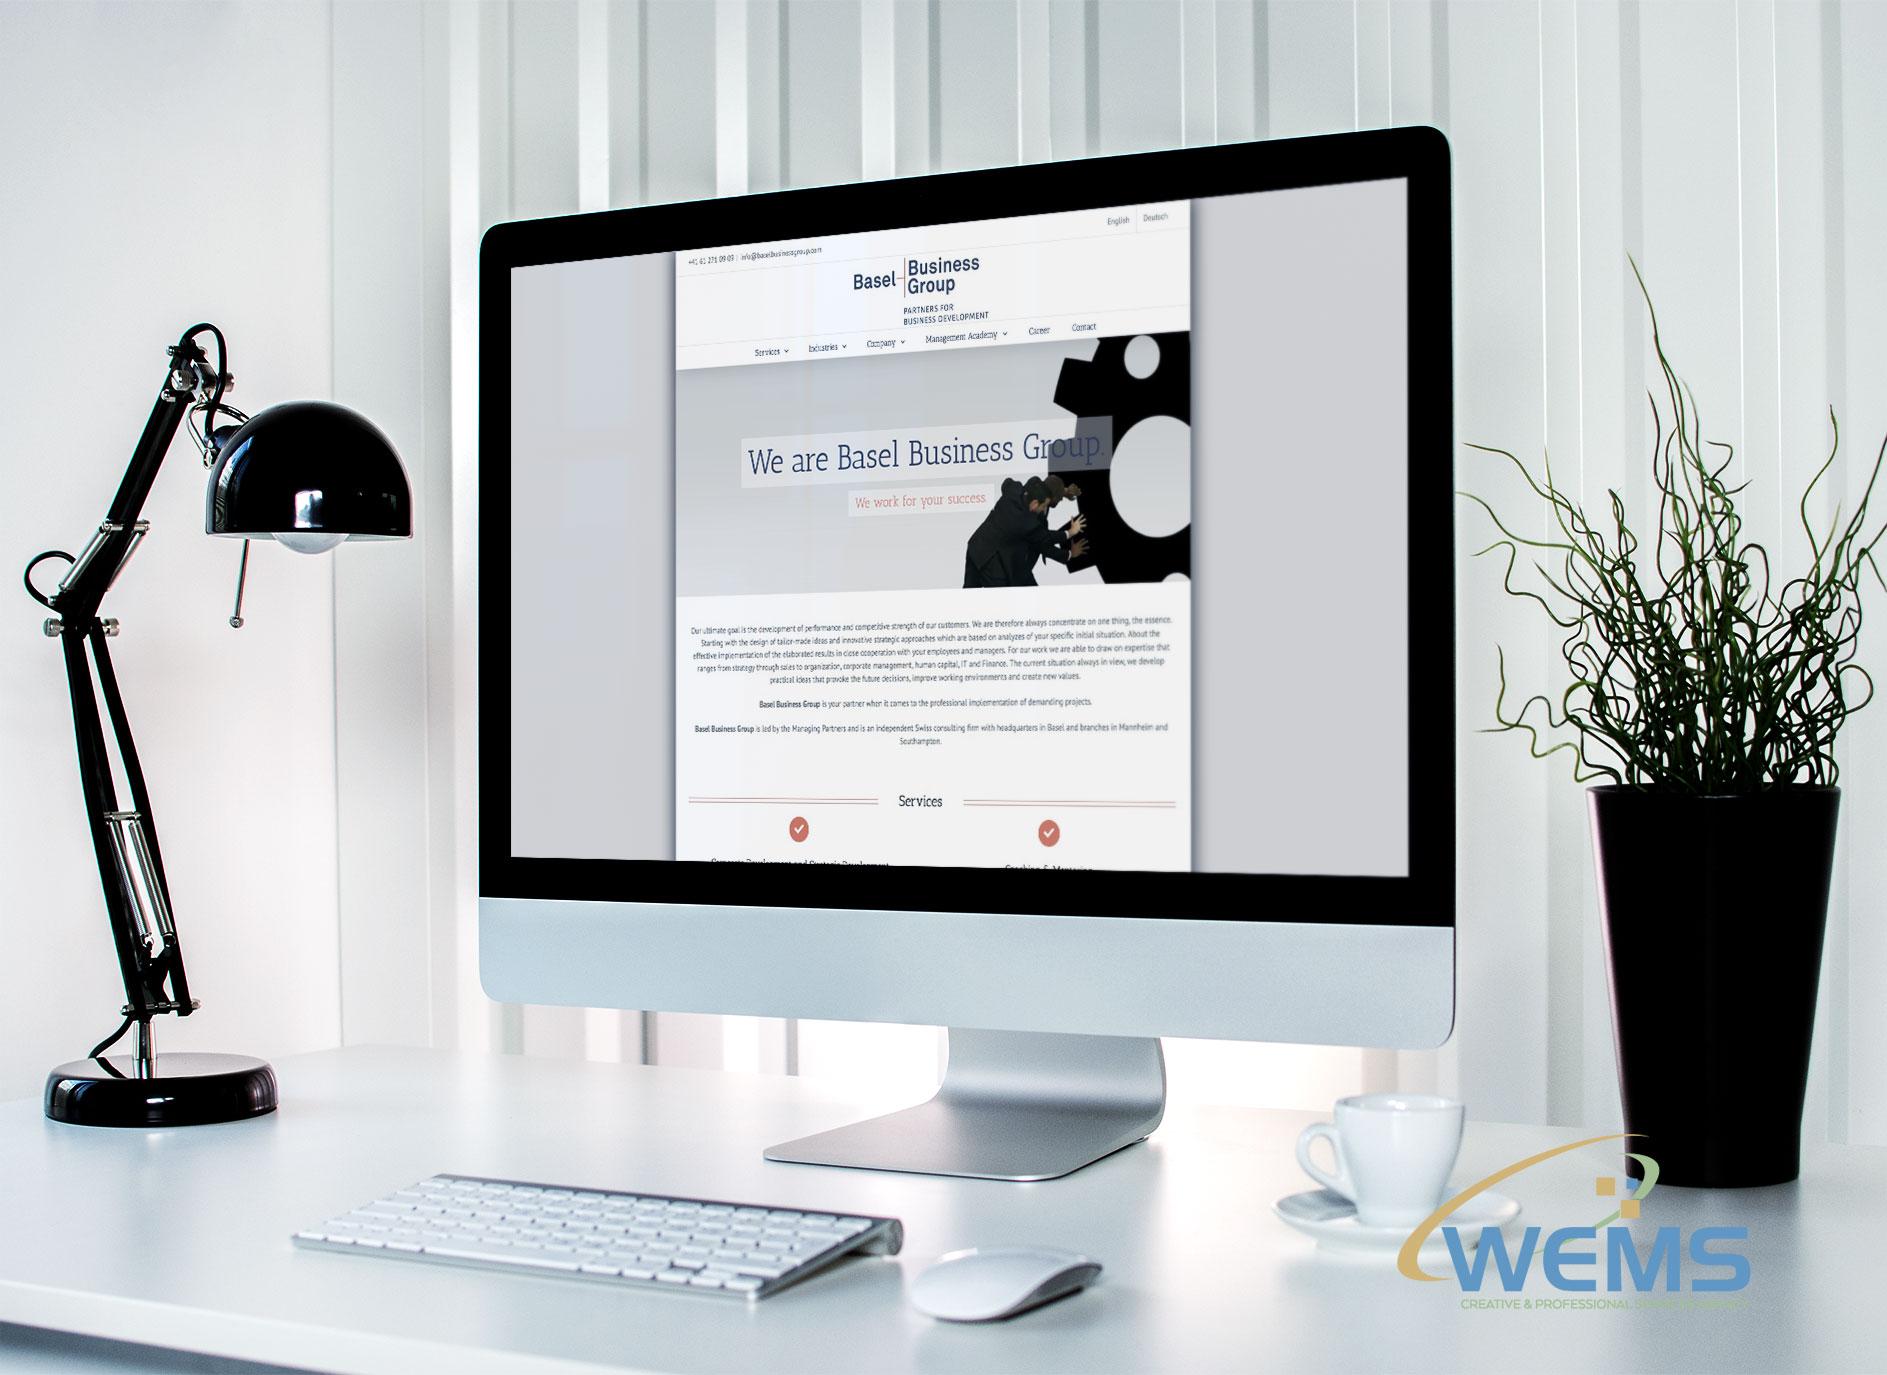 basel business groups - Webdesign und Suchmaschinenoptimierung (SEO) Agentur